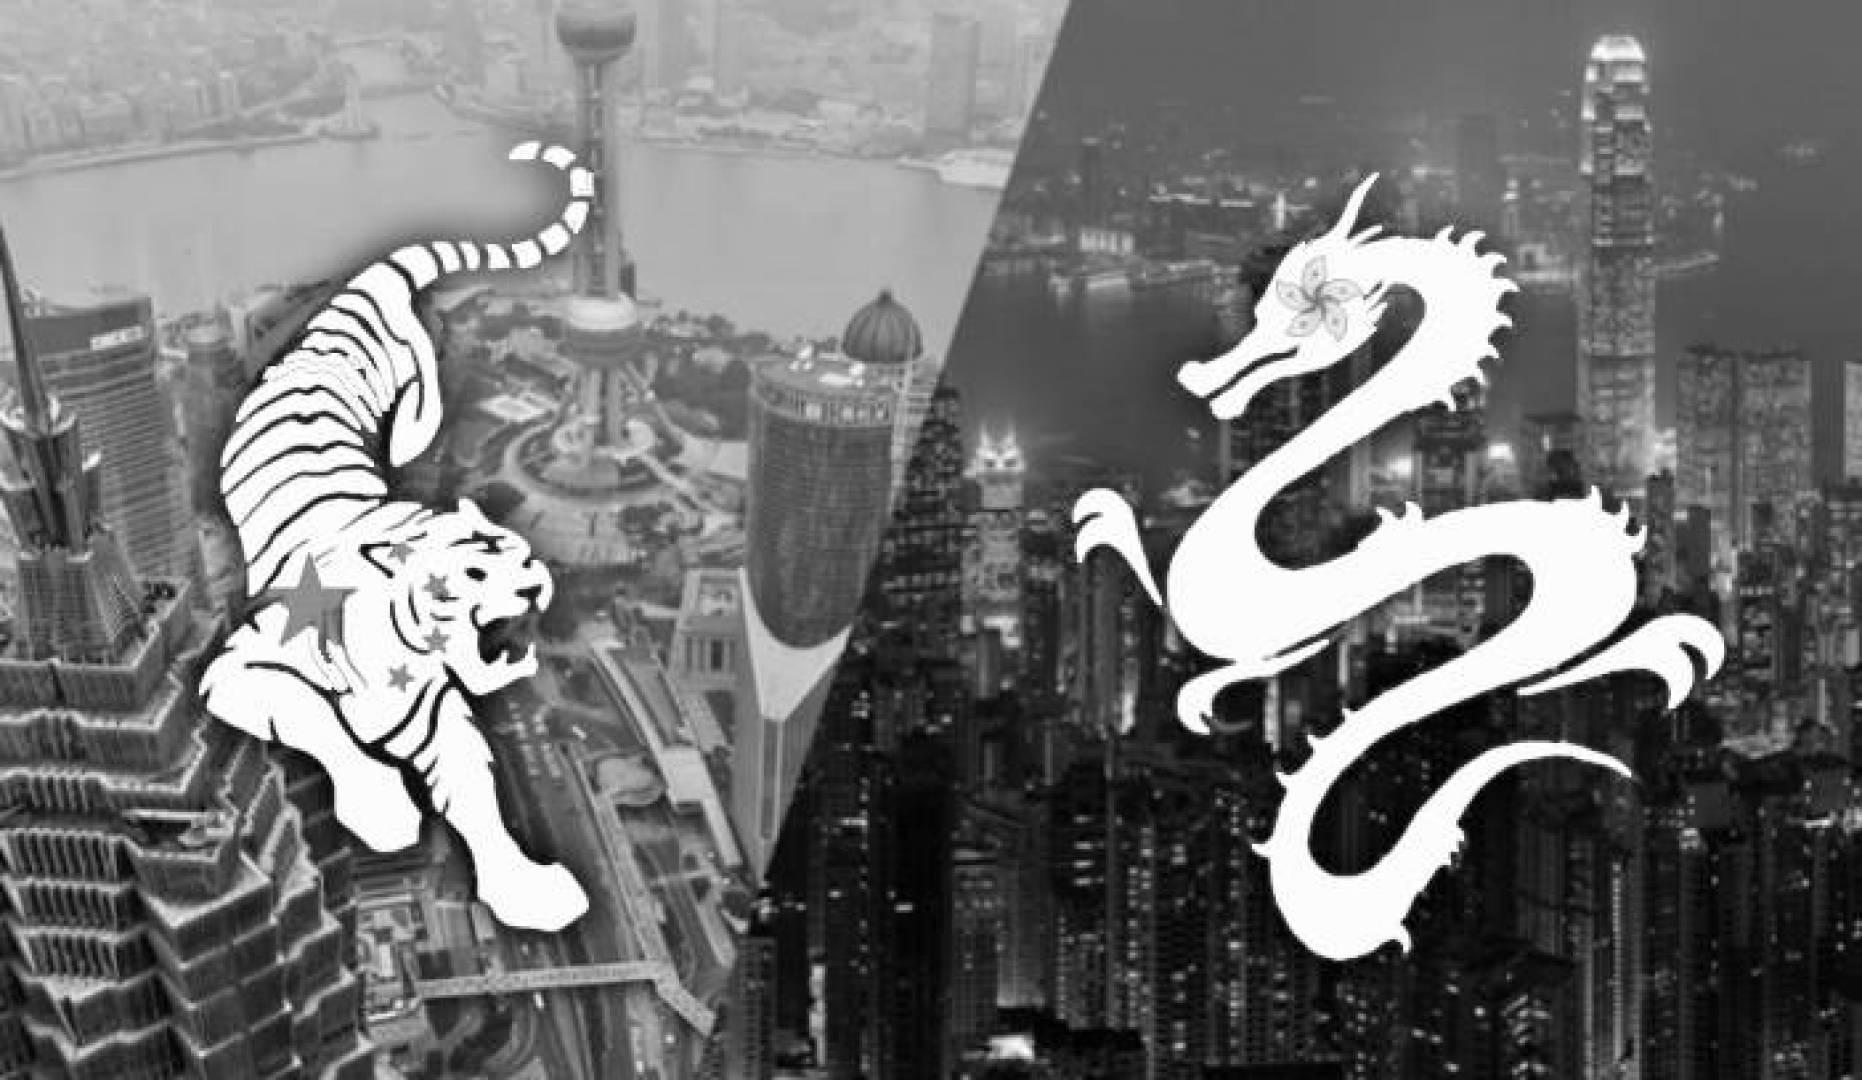 خطة ذكية من الصين.. لتعويض ما حصل في هونغ كونغ